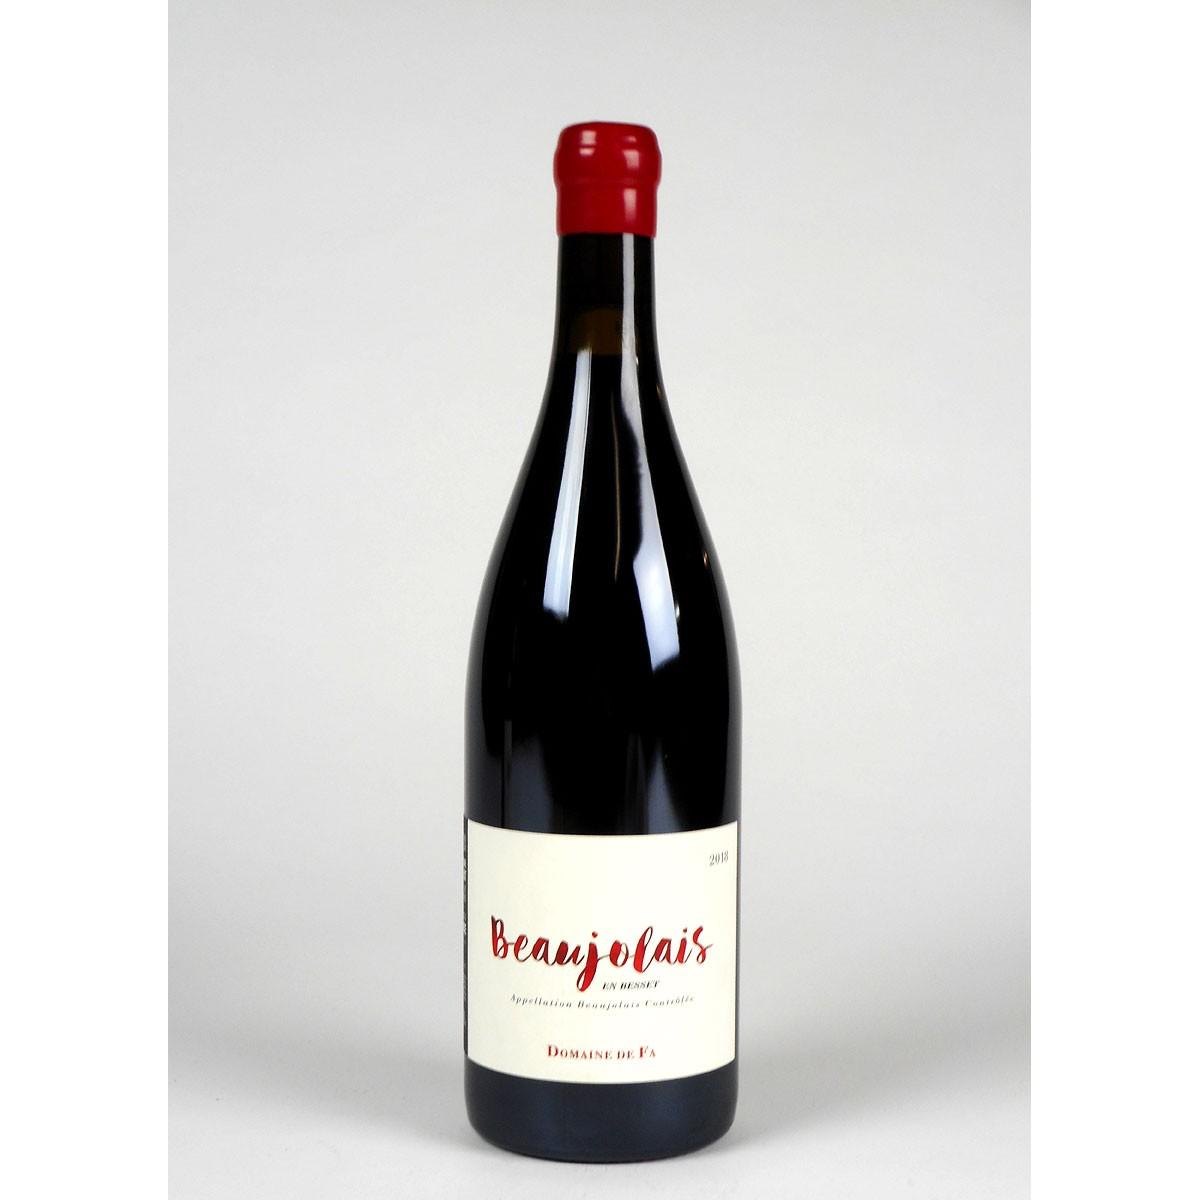 Beaujolais en Besset: Domaine de Fa 2018 - Bottle